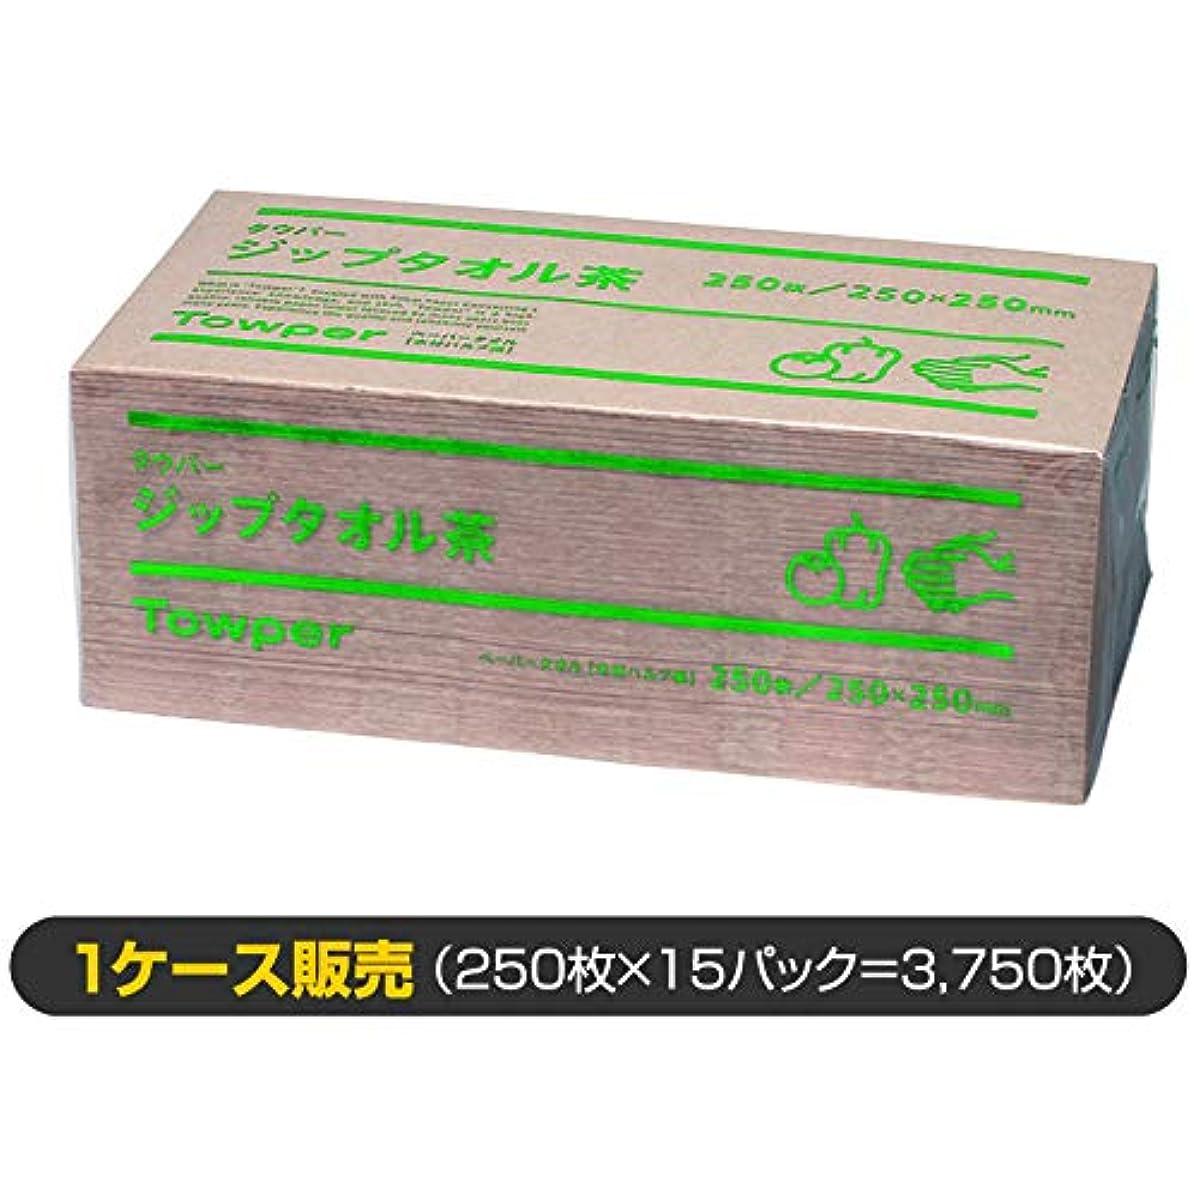 粘着性泥によってペーパータオル ジップタオル(茶) /1ケース販売(清潔キレイ館/大判サイズ用)